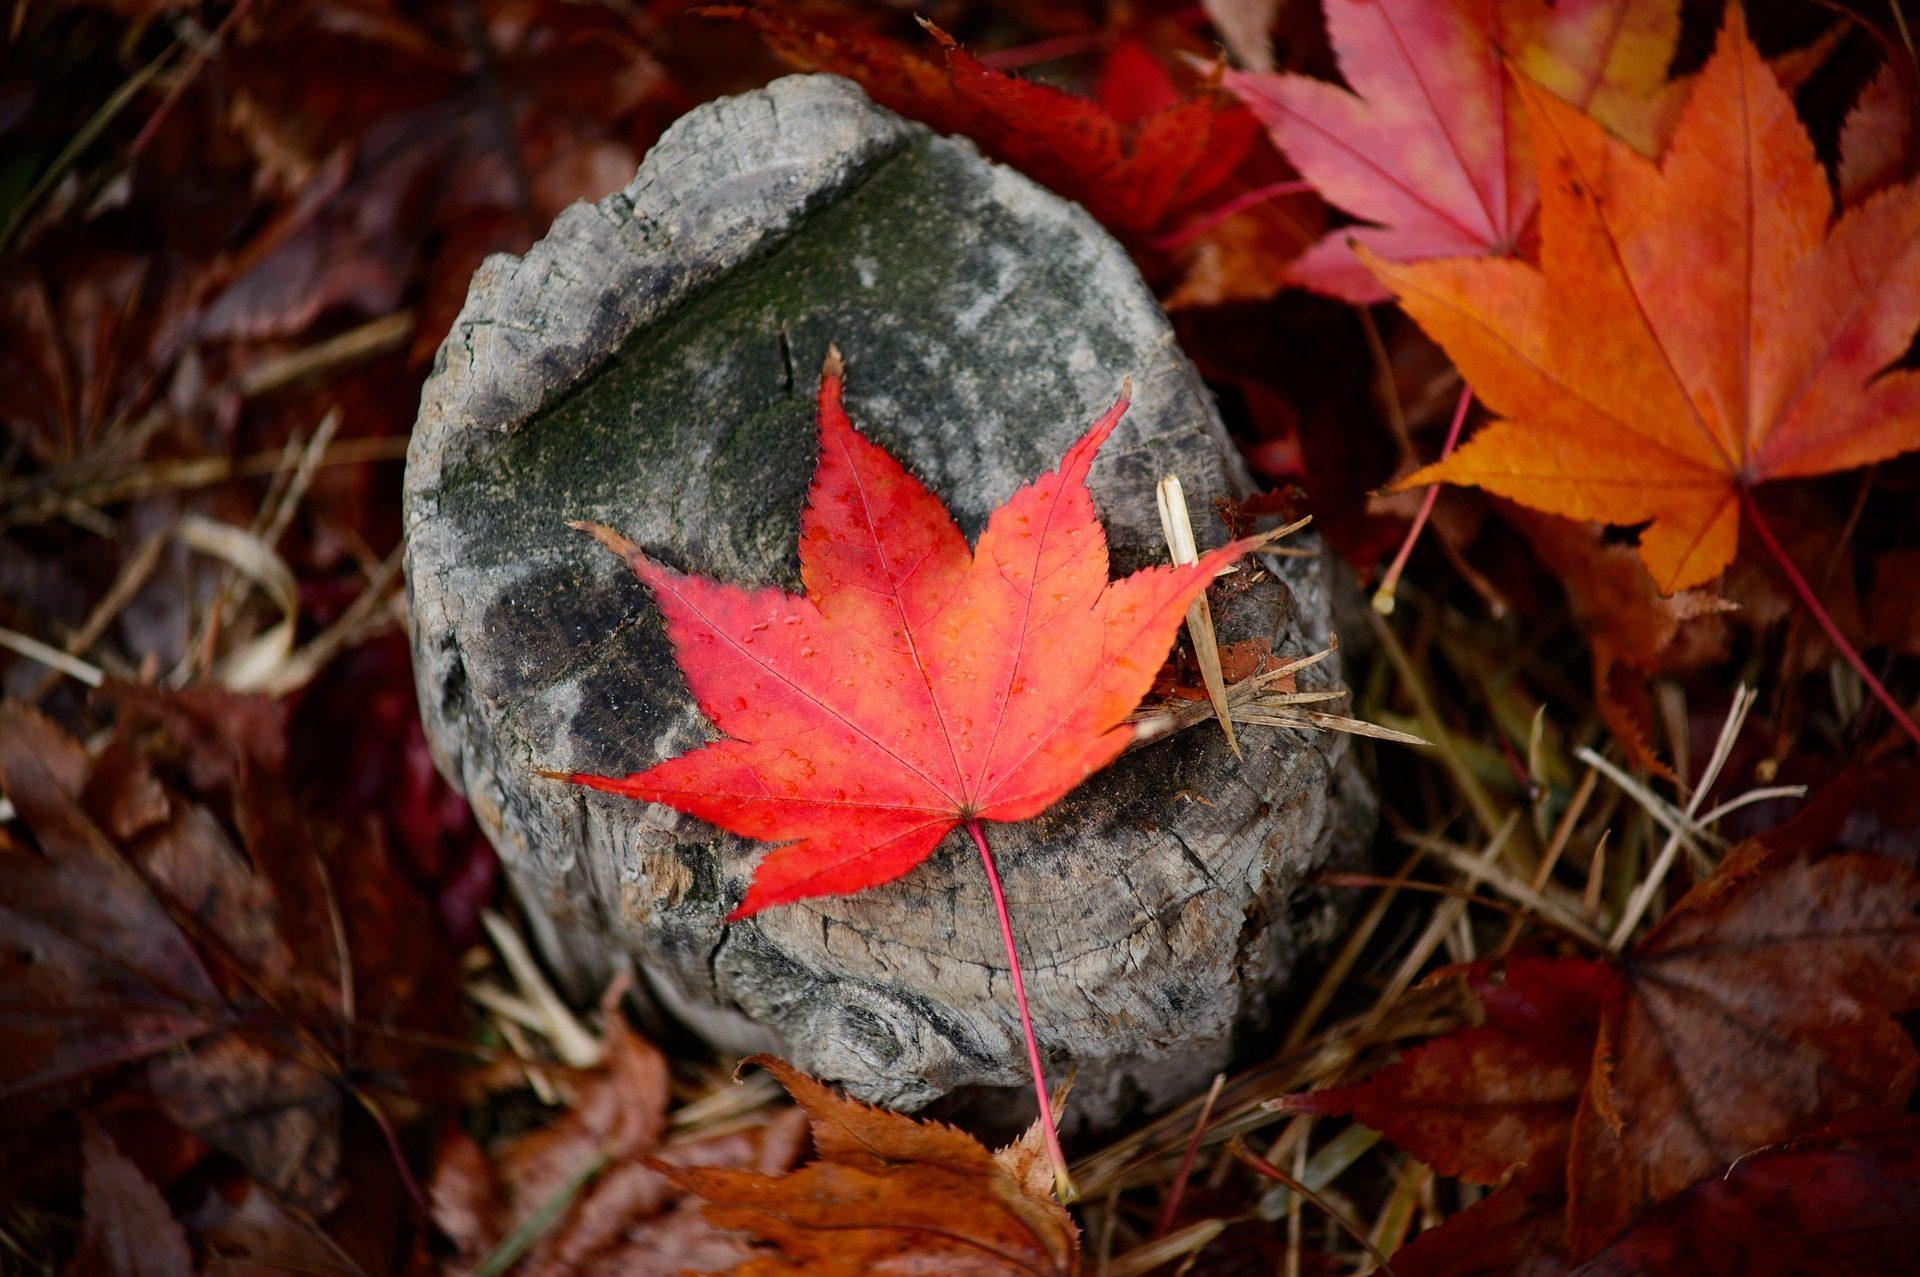 葉, 石, 葉のくず, 枝, 秋 - HD の壁紙 - 教授-falken.com